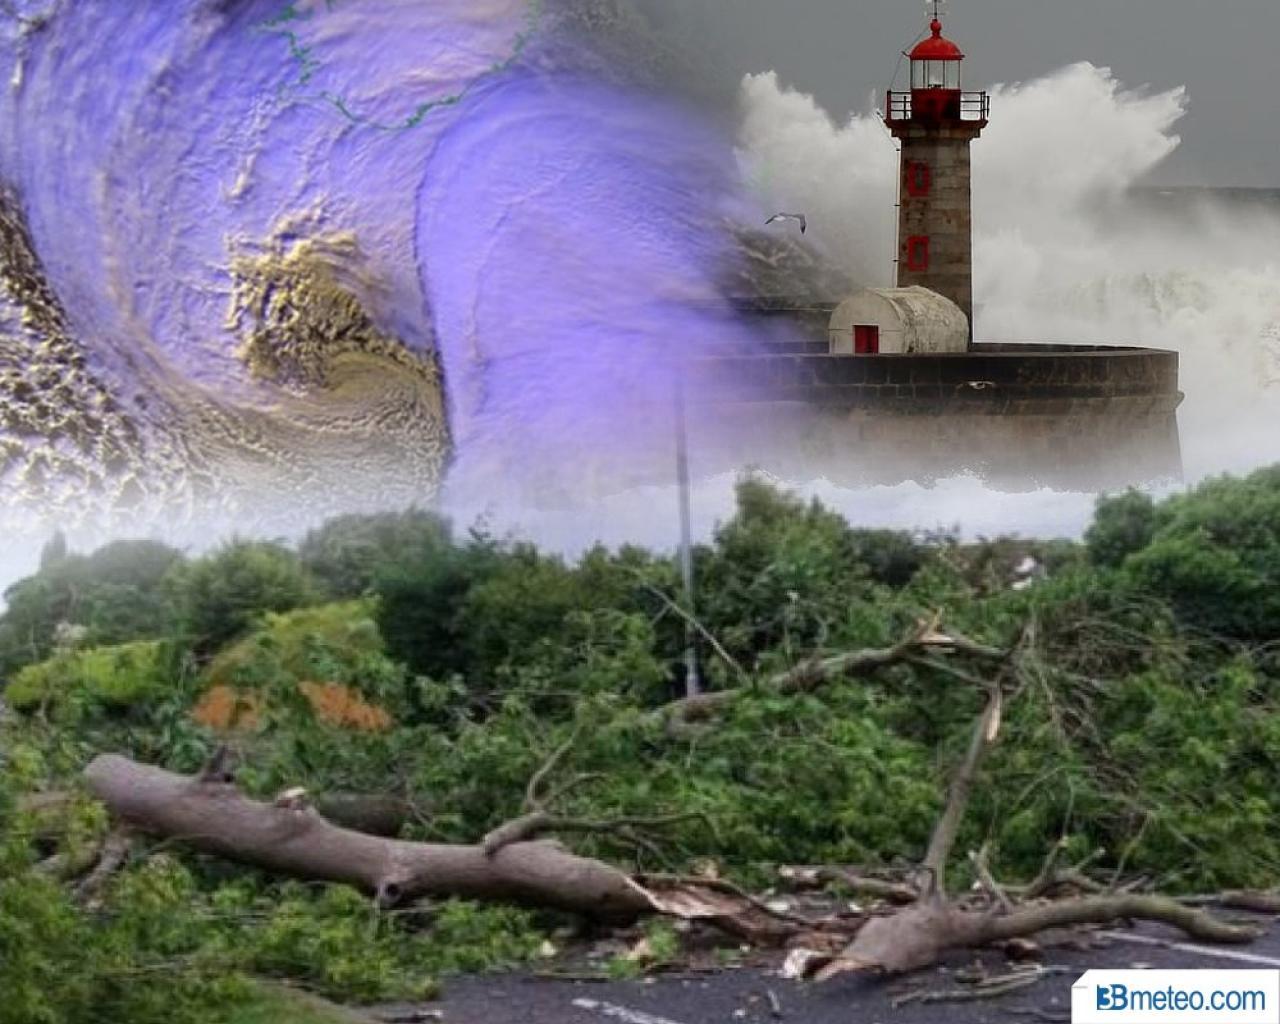 Regno Unito e Irlanda colpiti da un ciclone insolitamente potente per il periodo